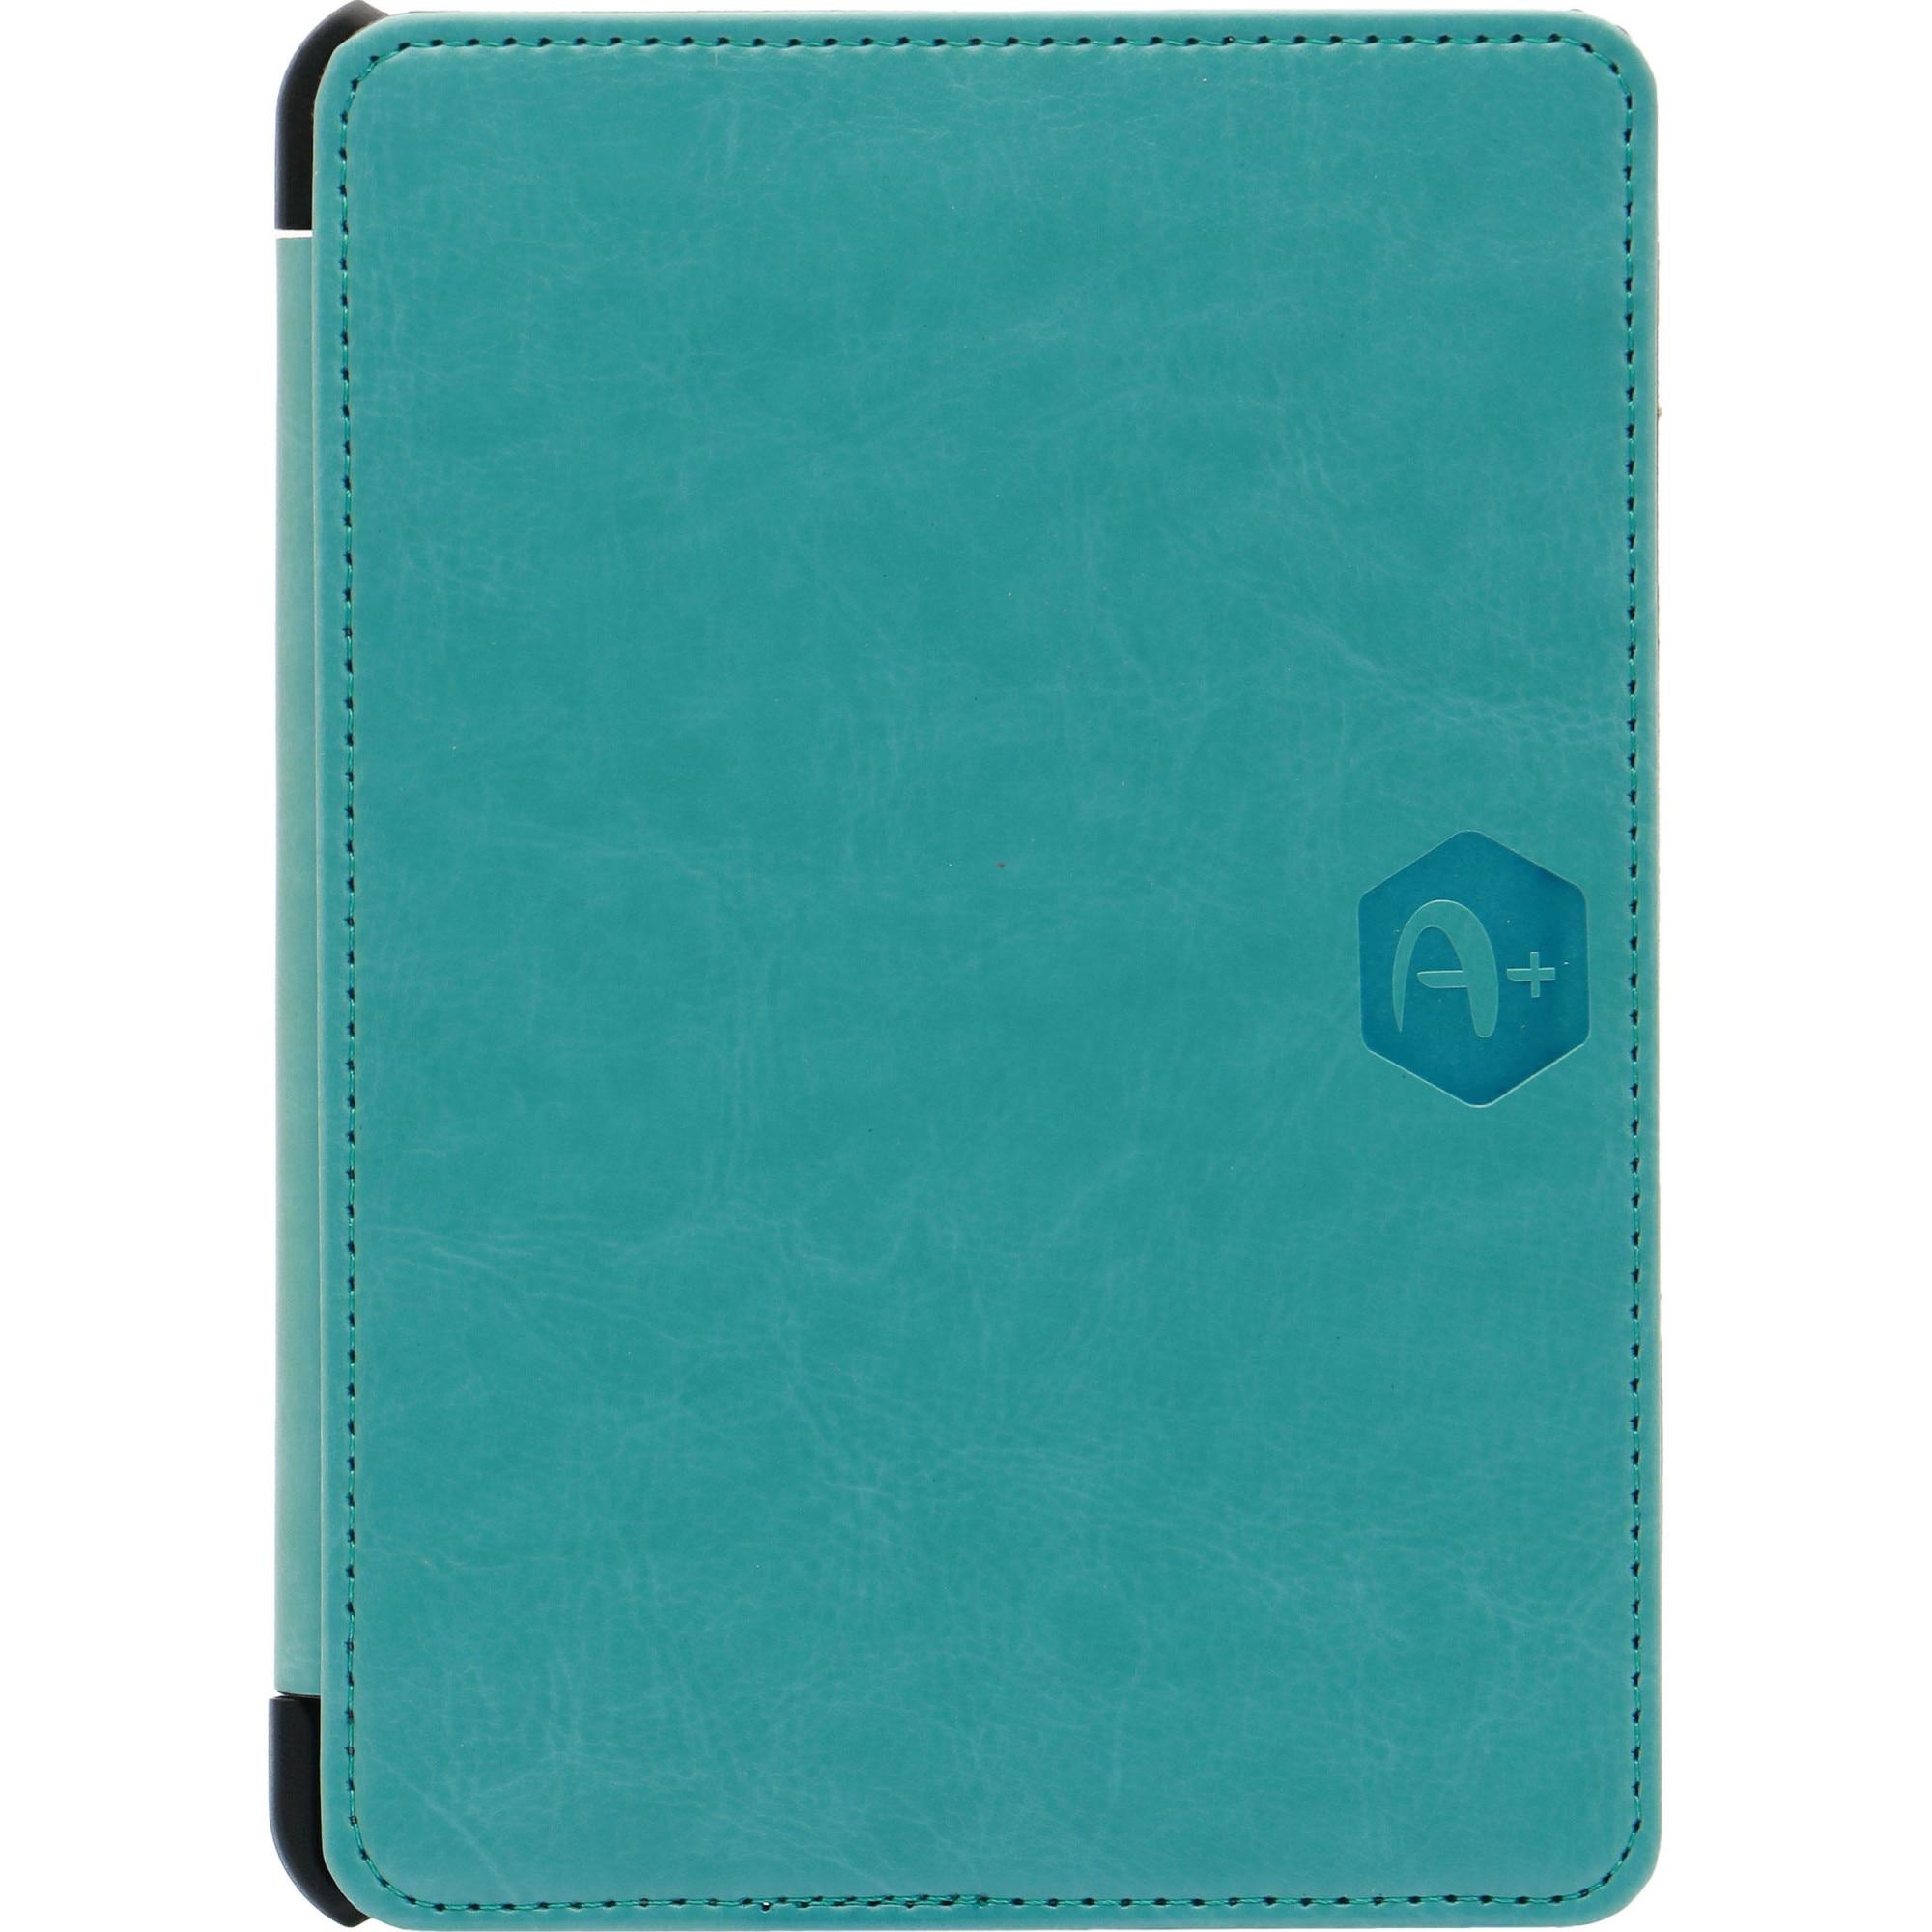 Fotografie Husa de protectie A+ Slim pentru Kindle Paperwhite 4 (10th Generation-2018), Hand sea